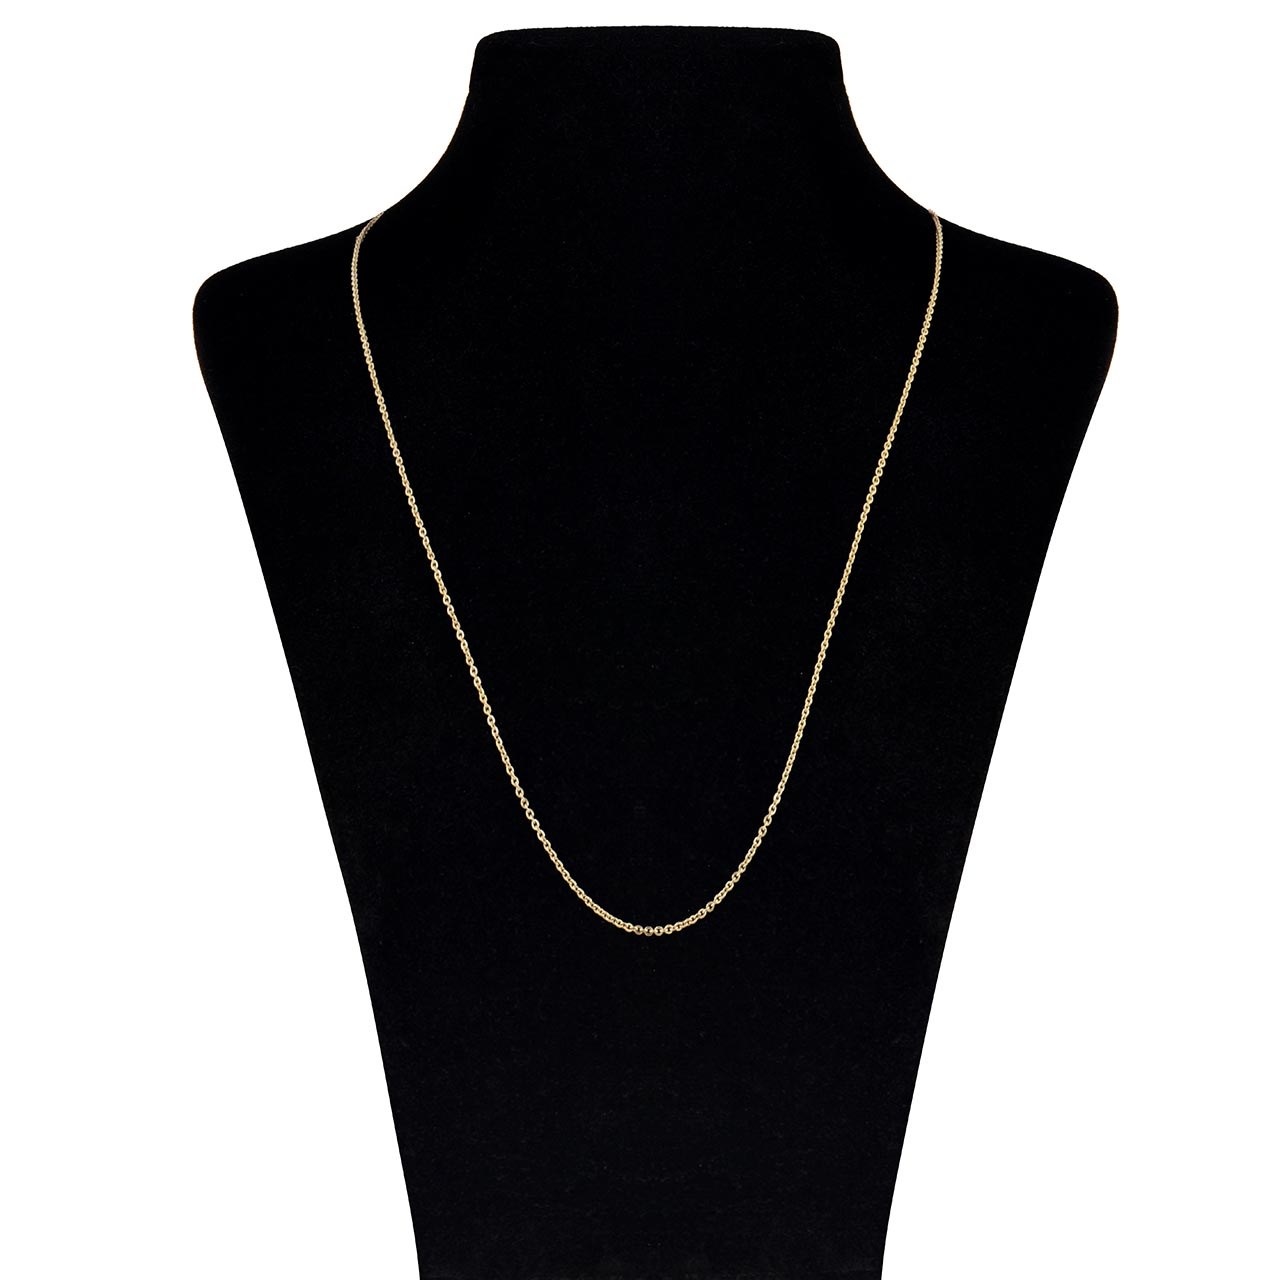 قیمت زنجیر طلا 18 عیار ماهک مدل MM0647 - مایا ماهک